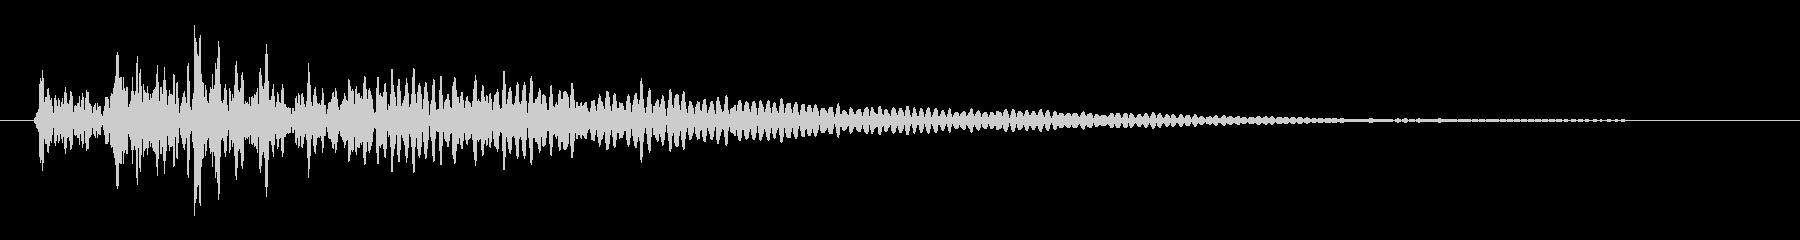 「ダダダン」という3連続の太鼓の未再生の波形